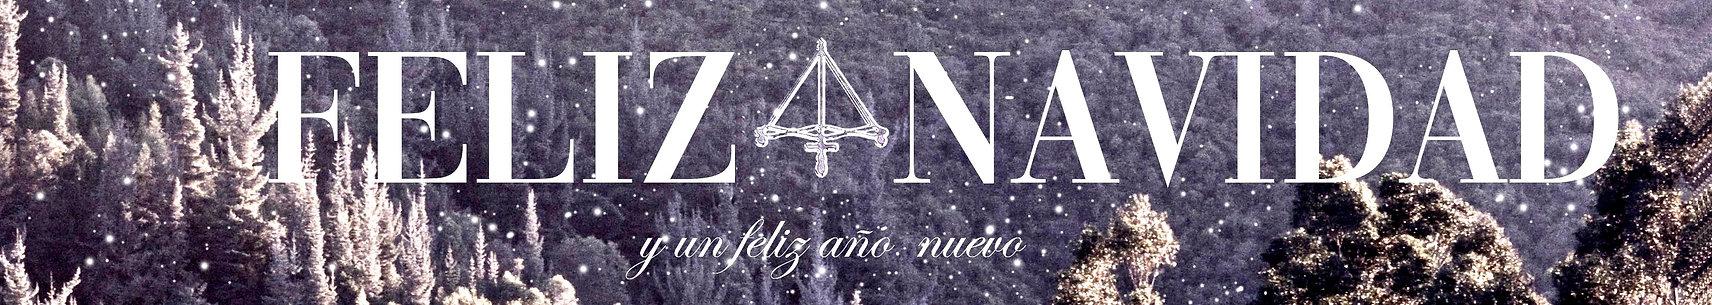 navidad vicenza banner.jpg